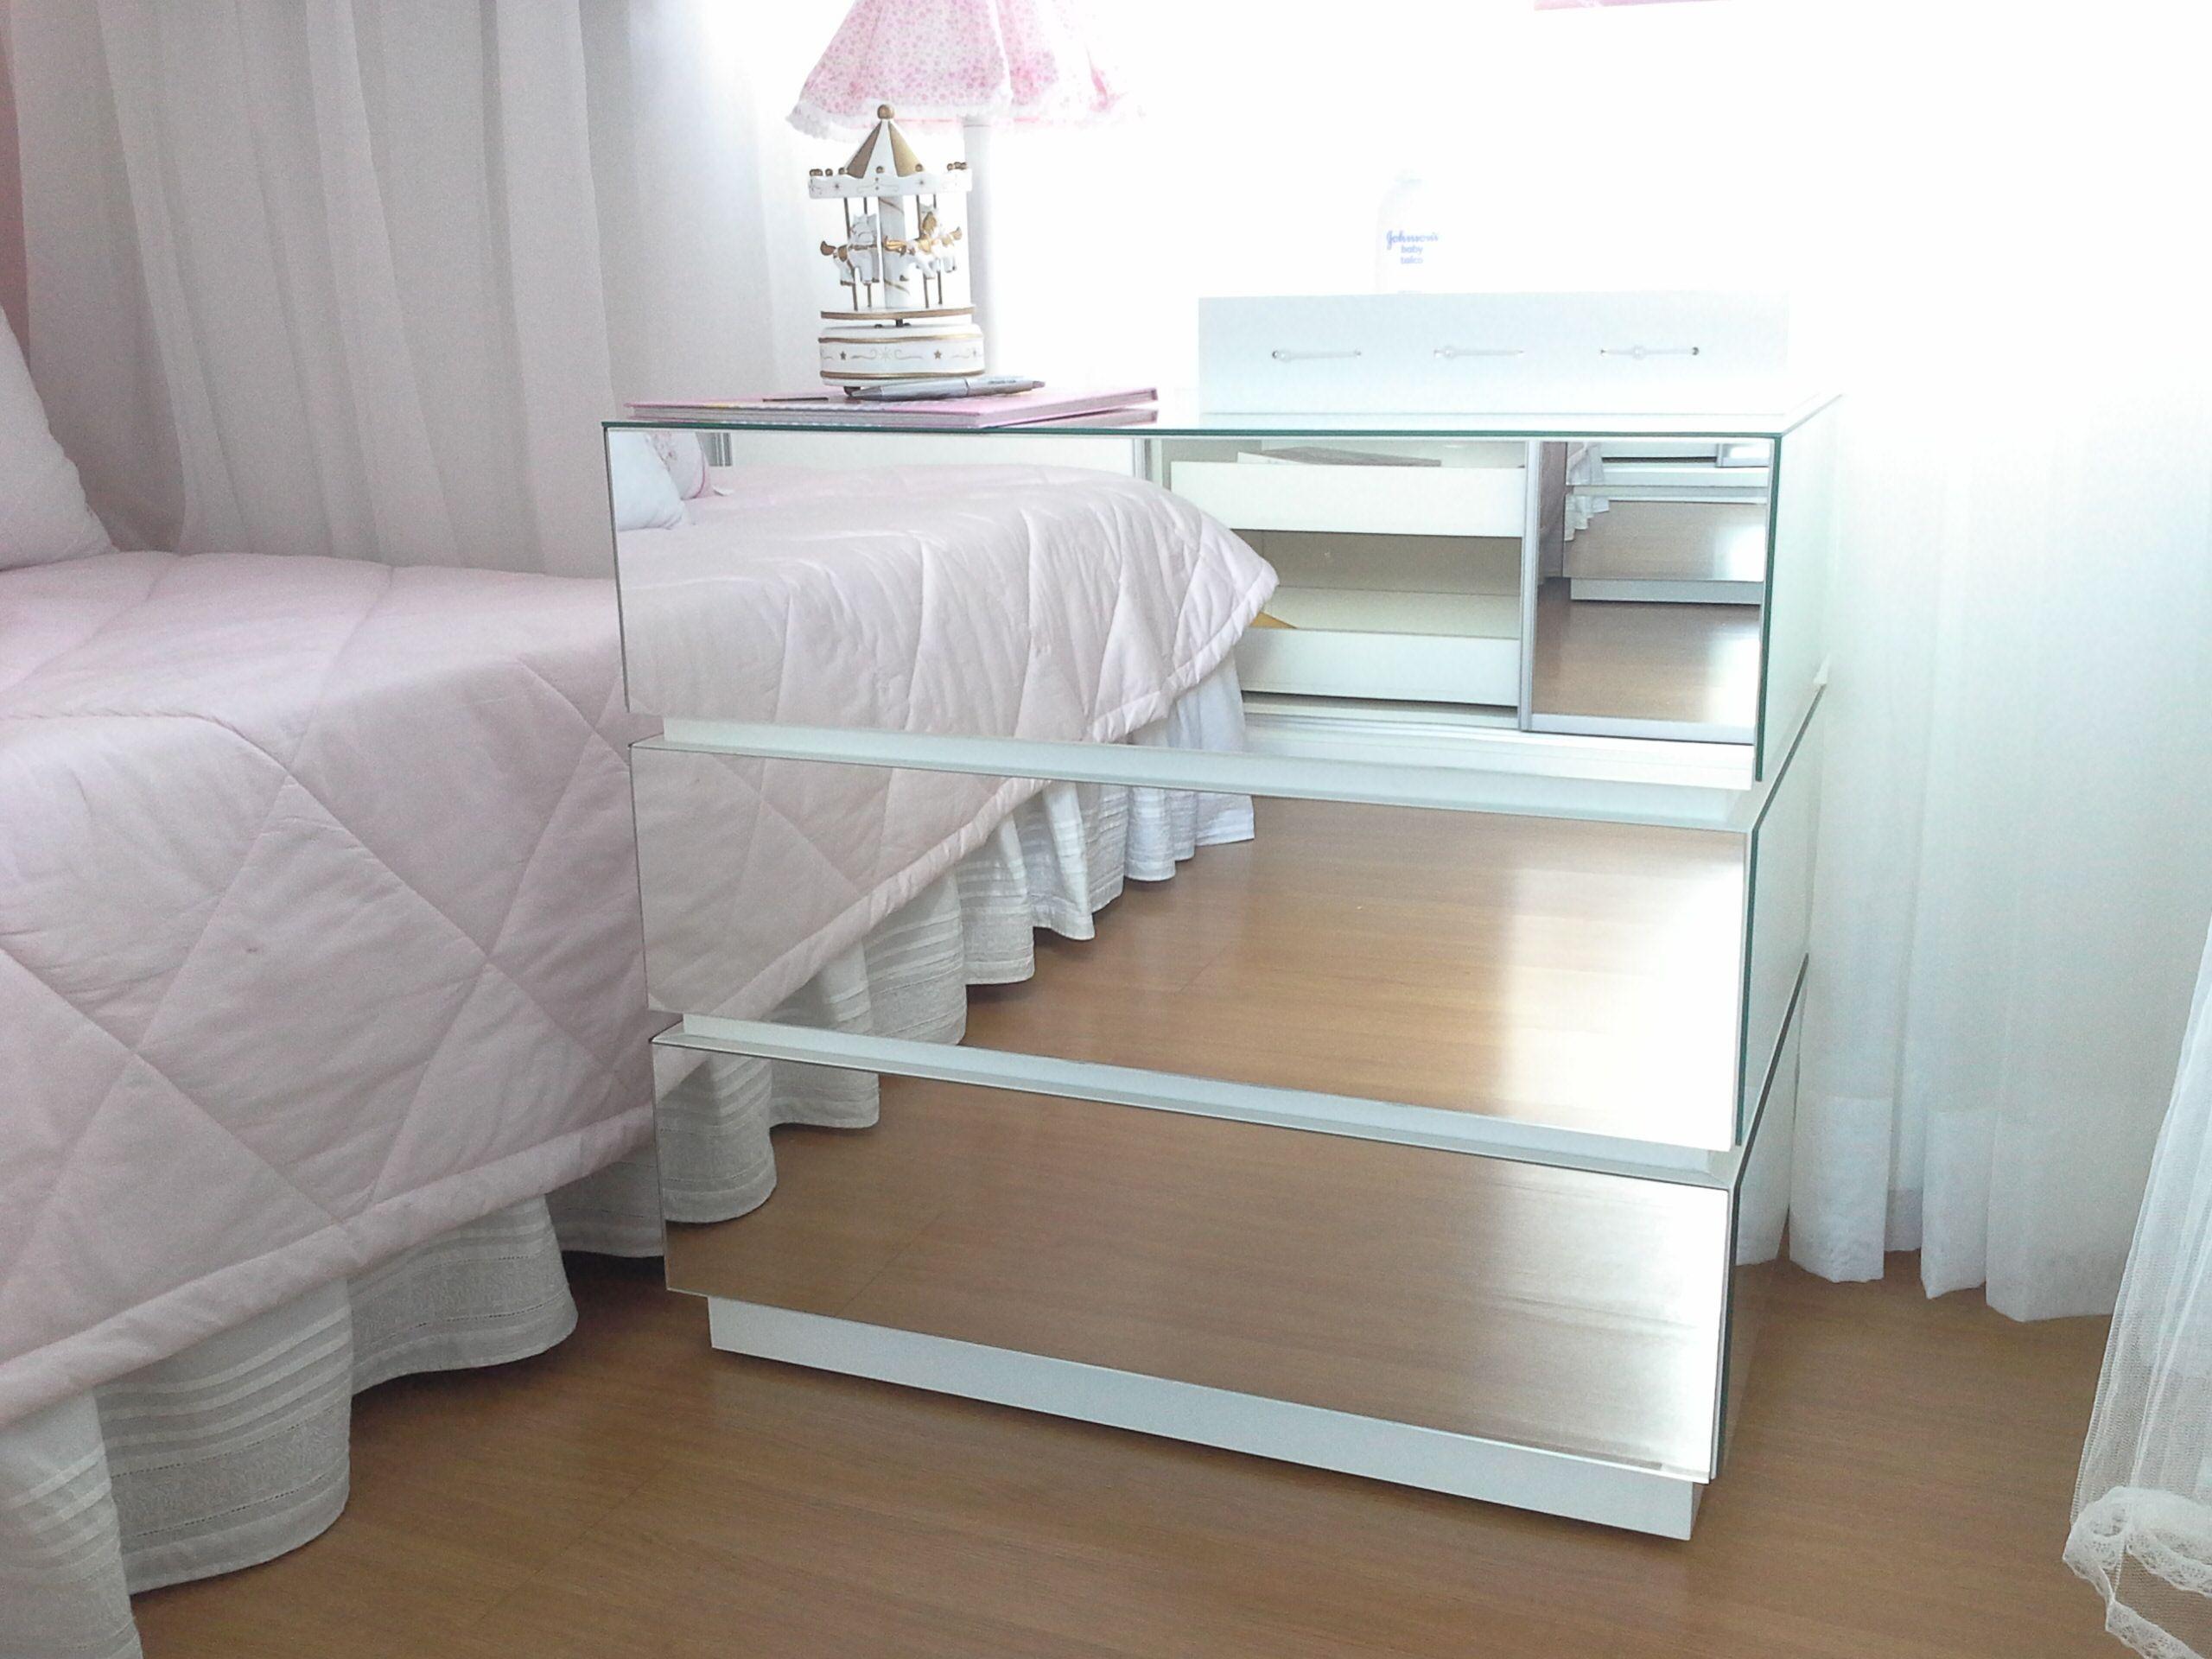 Mesa De Cabeceira Espelhada In 2019 Bunk Beds Decor Bed